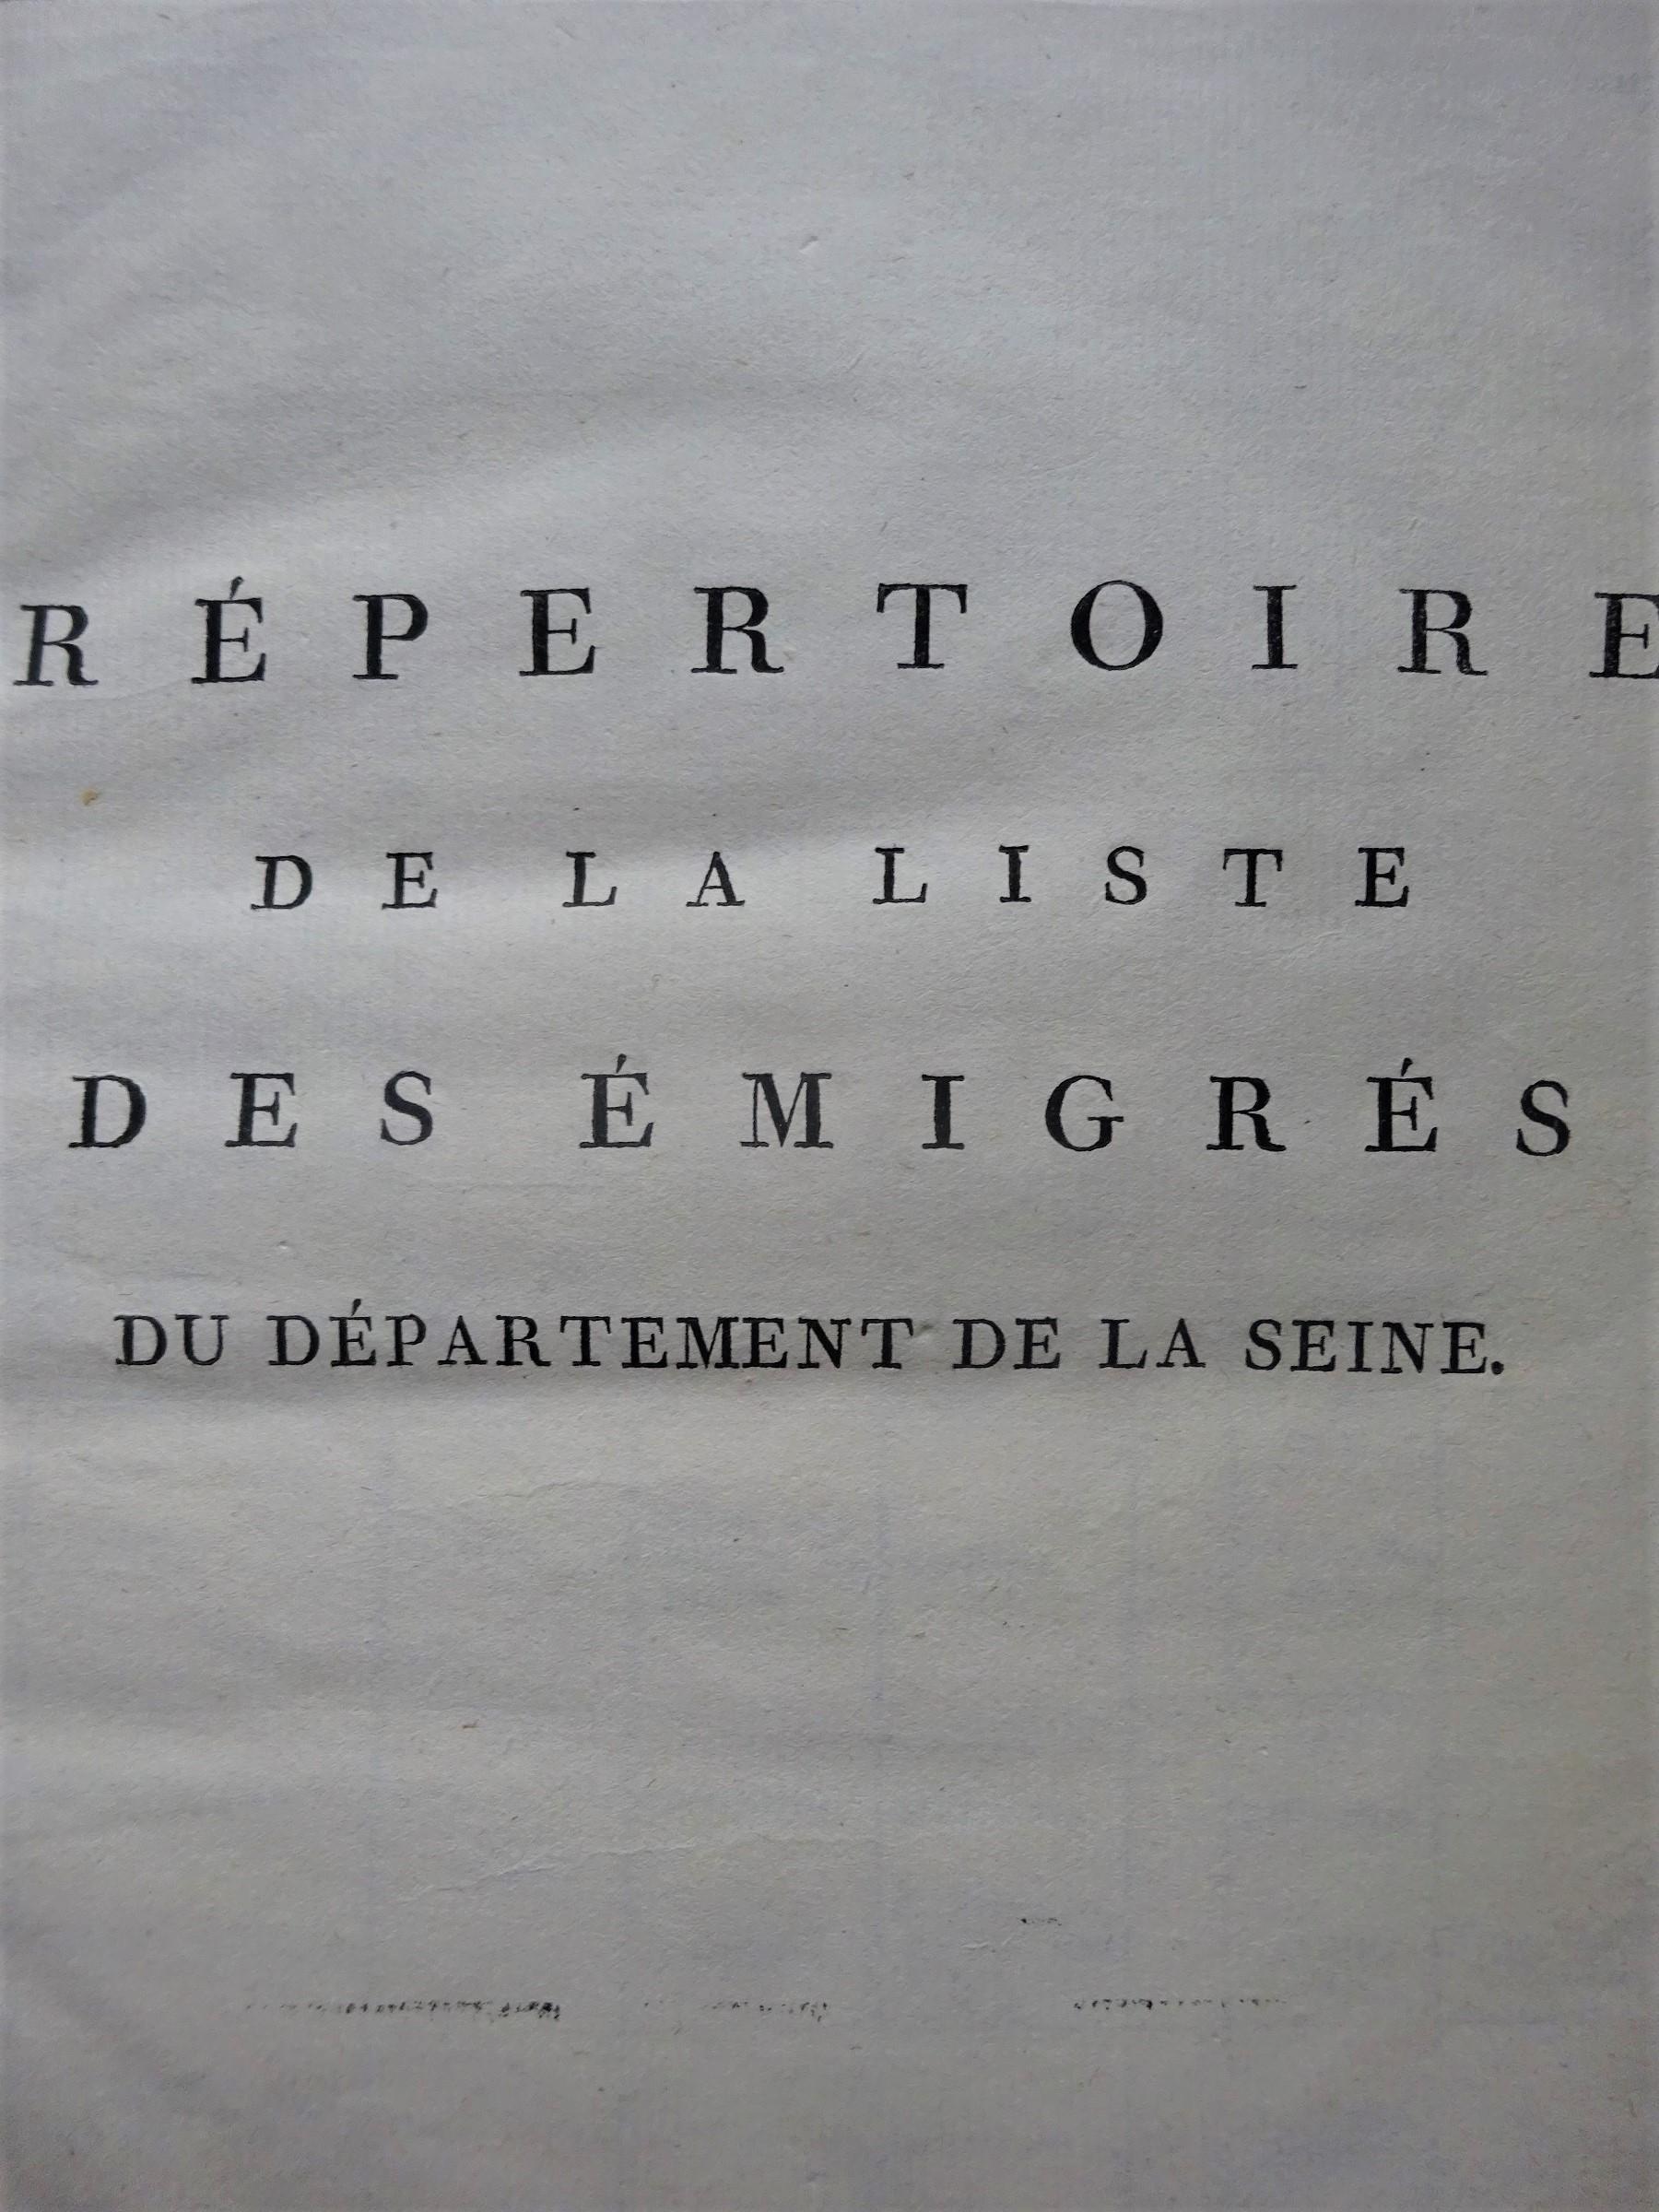 Répertoire de la liste des Emigrés du Département de la Seine